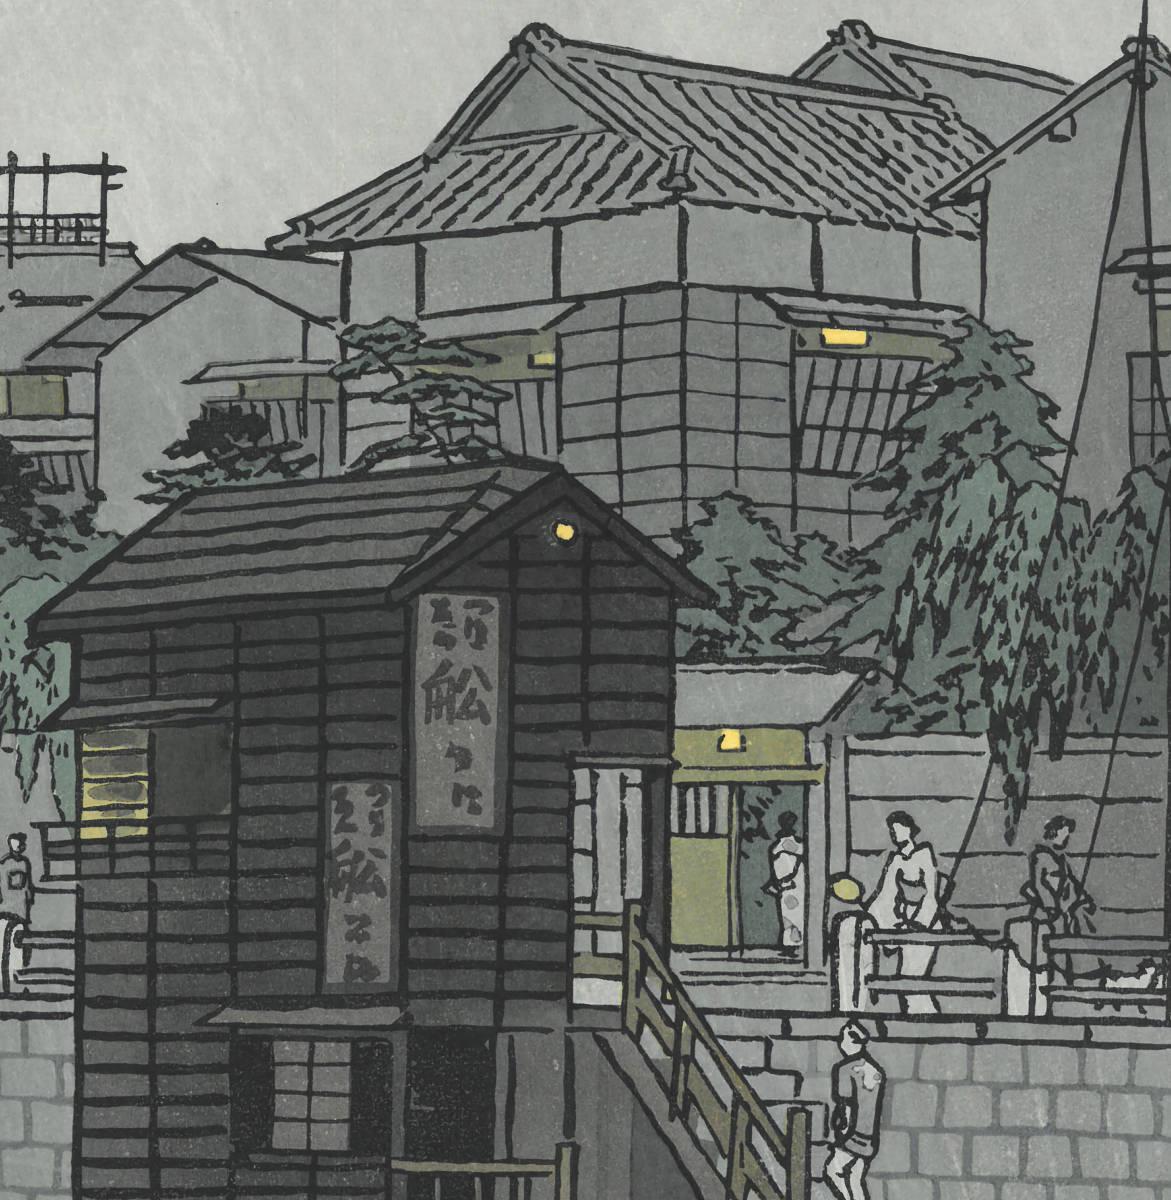 笠松紫浪 (Kasamatsu Shiro) 木版画 sk30 東京八景の内 柳橋付近 新版画  初版昭和中期頃   一流の摺師の技をご堪能下さい!!_画像9